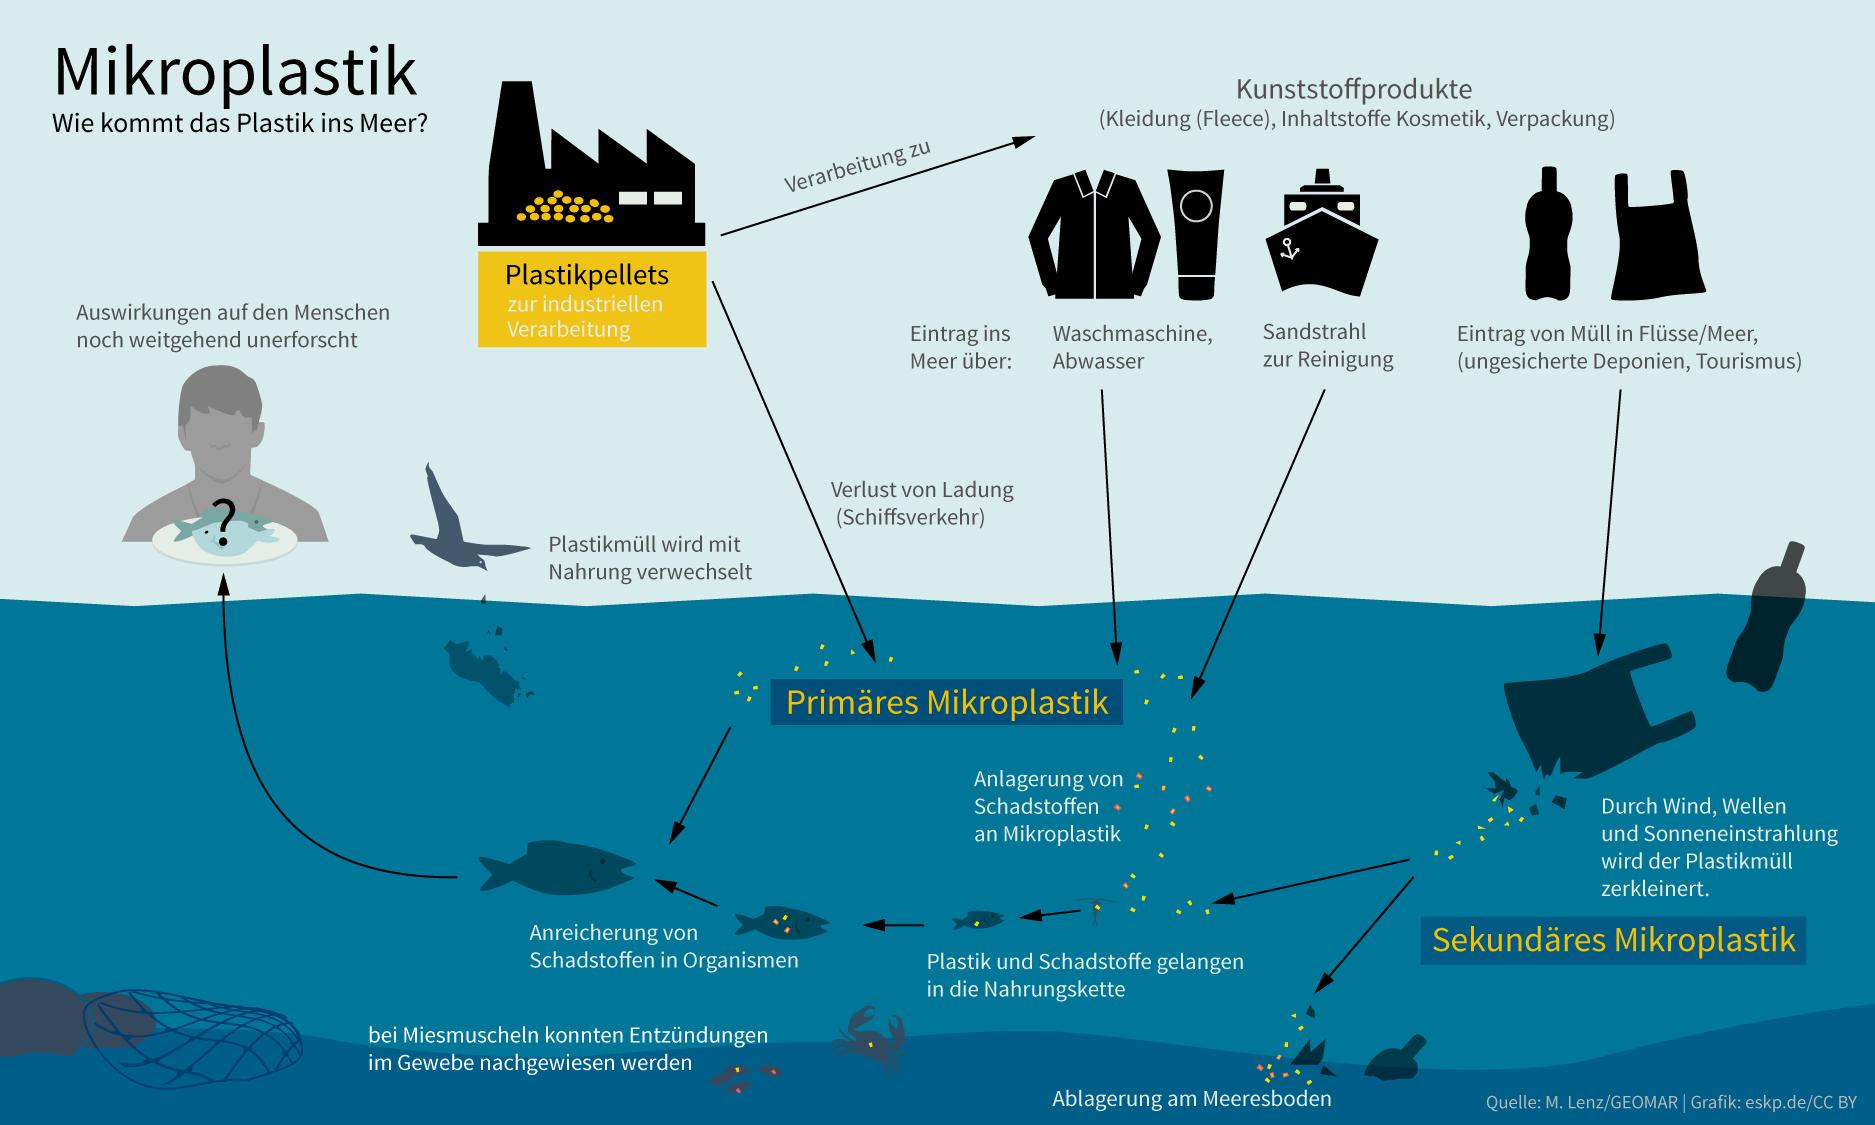 Verführerisch Plastikteppich Foto Von Wie Kommt Das Plastik Ins Meer? Einträge